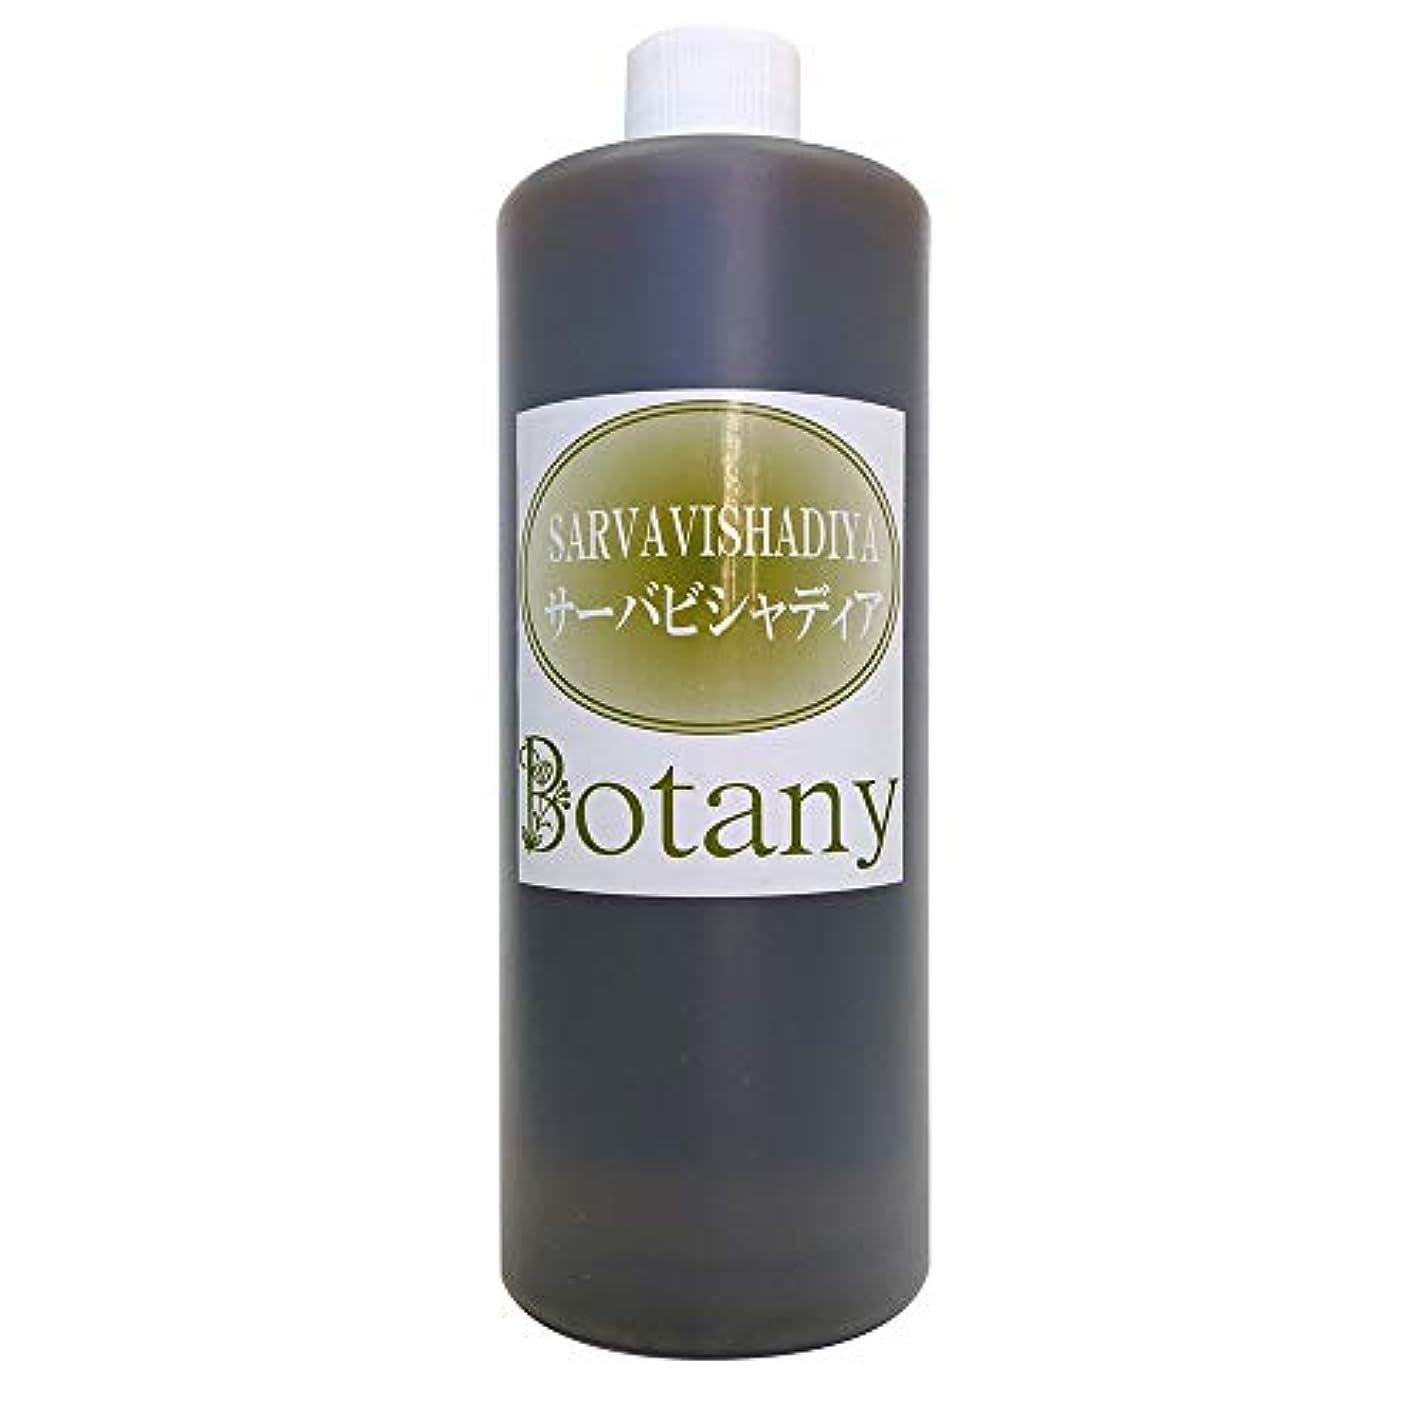 バット落ち着いて拮抗Botanyオイル サーバビシャディヤ ボディ用 エステ サロン マッサージオイル 500ml